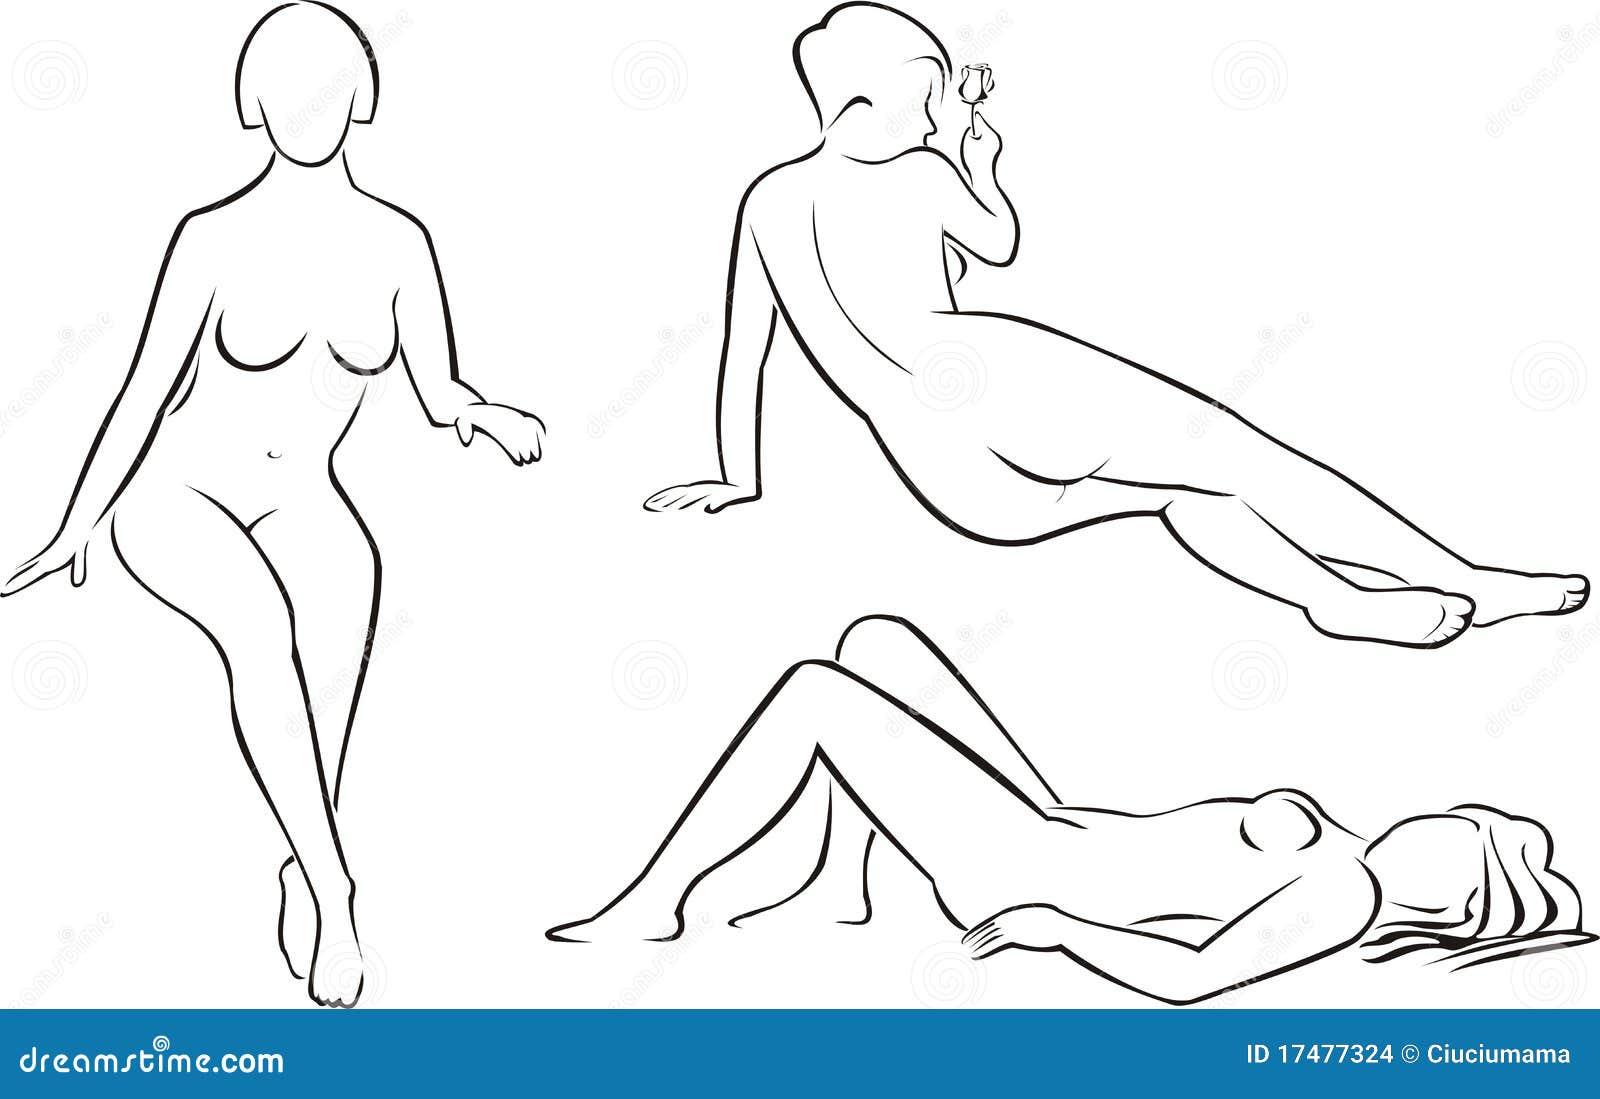 Силуэт голой женщины 5 фотография